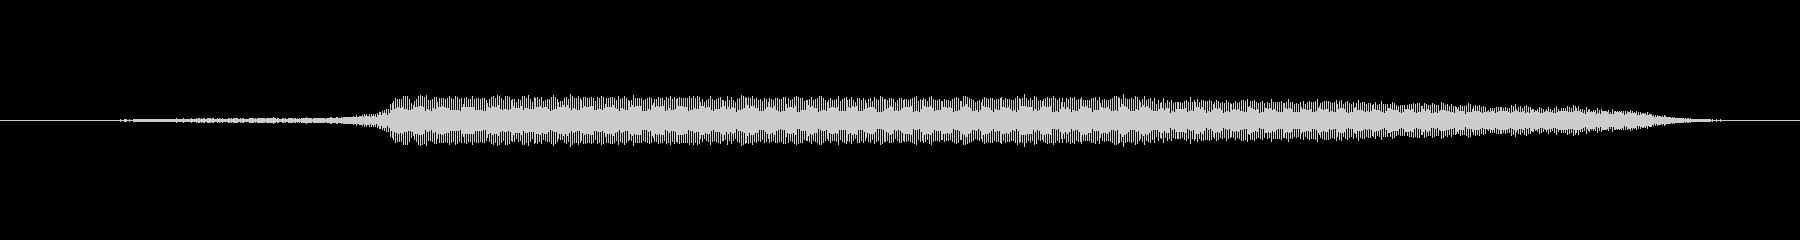 ホーン Hoot Soft 03の未再生の波形